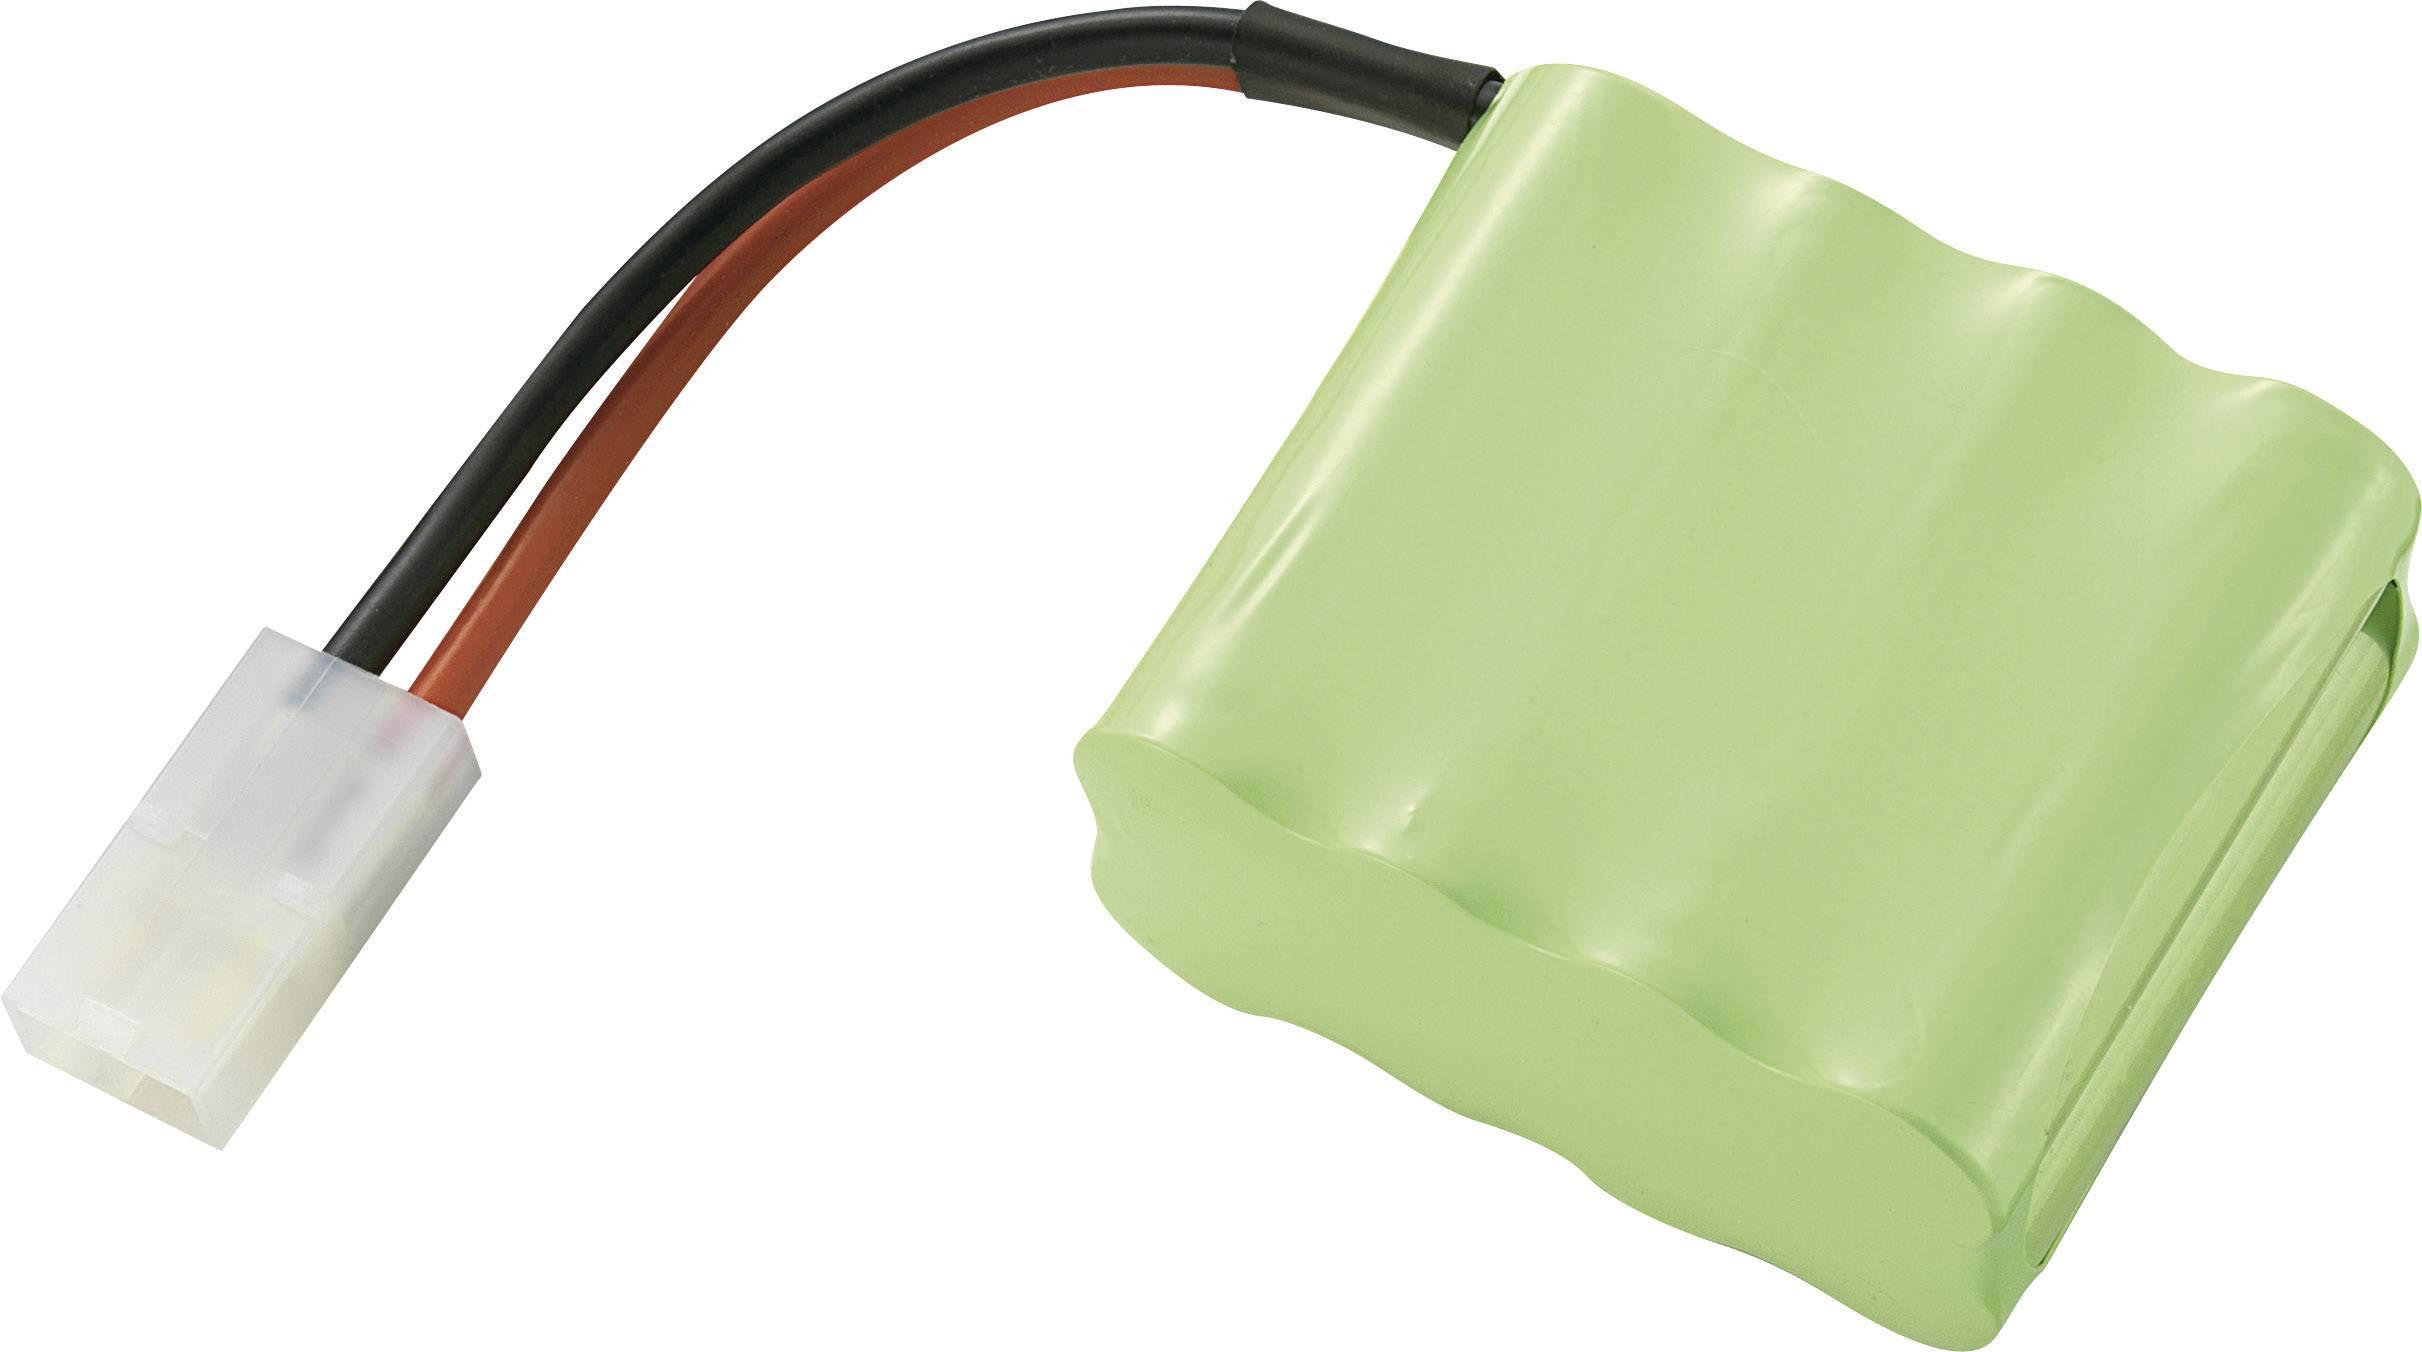 Akupack NiMH Conrad energy 209081, 9.6 V, 800 mAh